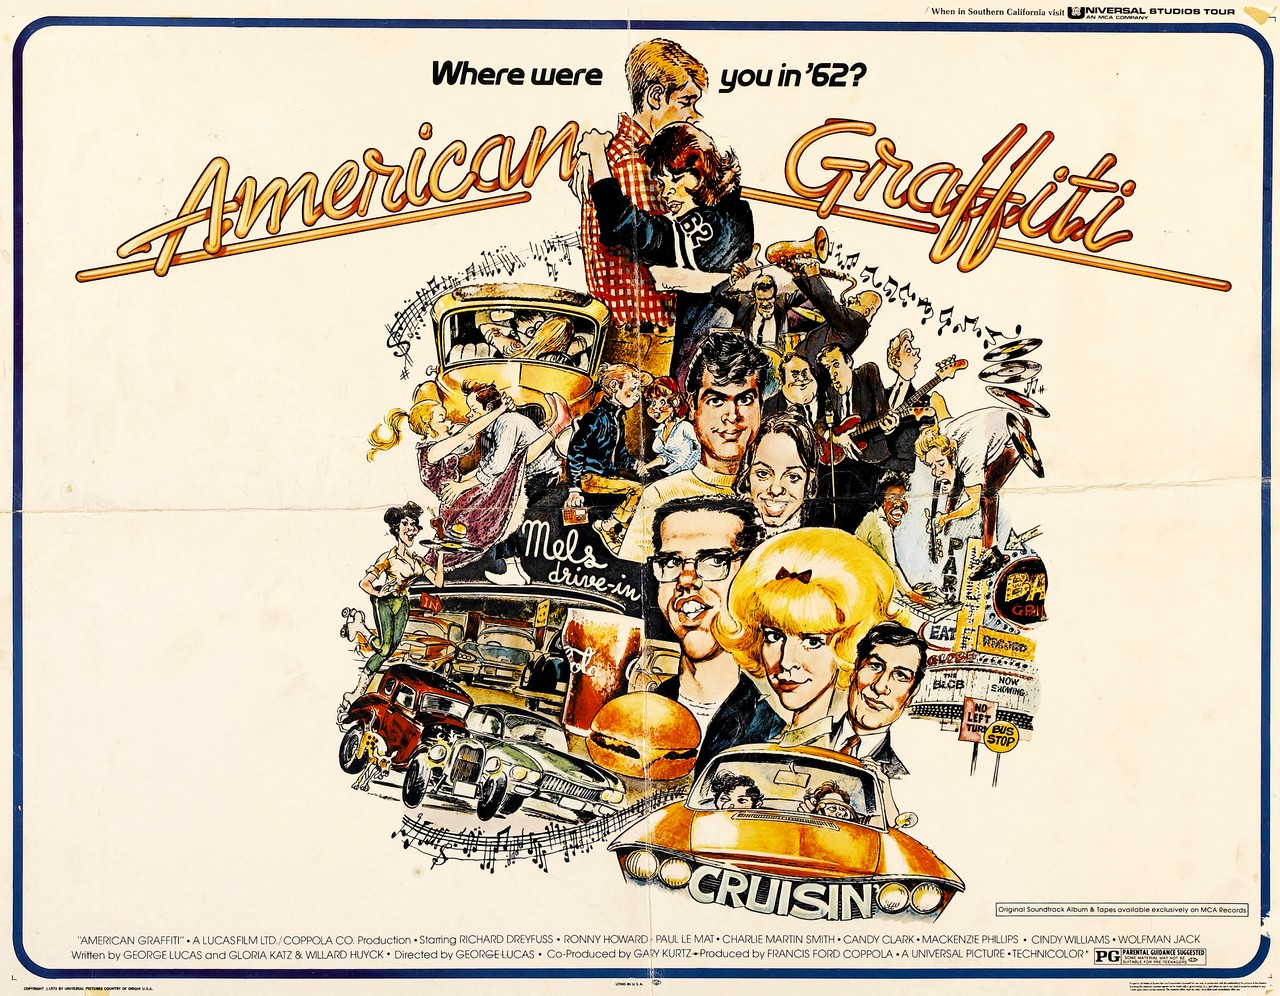 American Graffiti